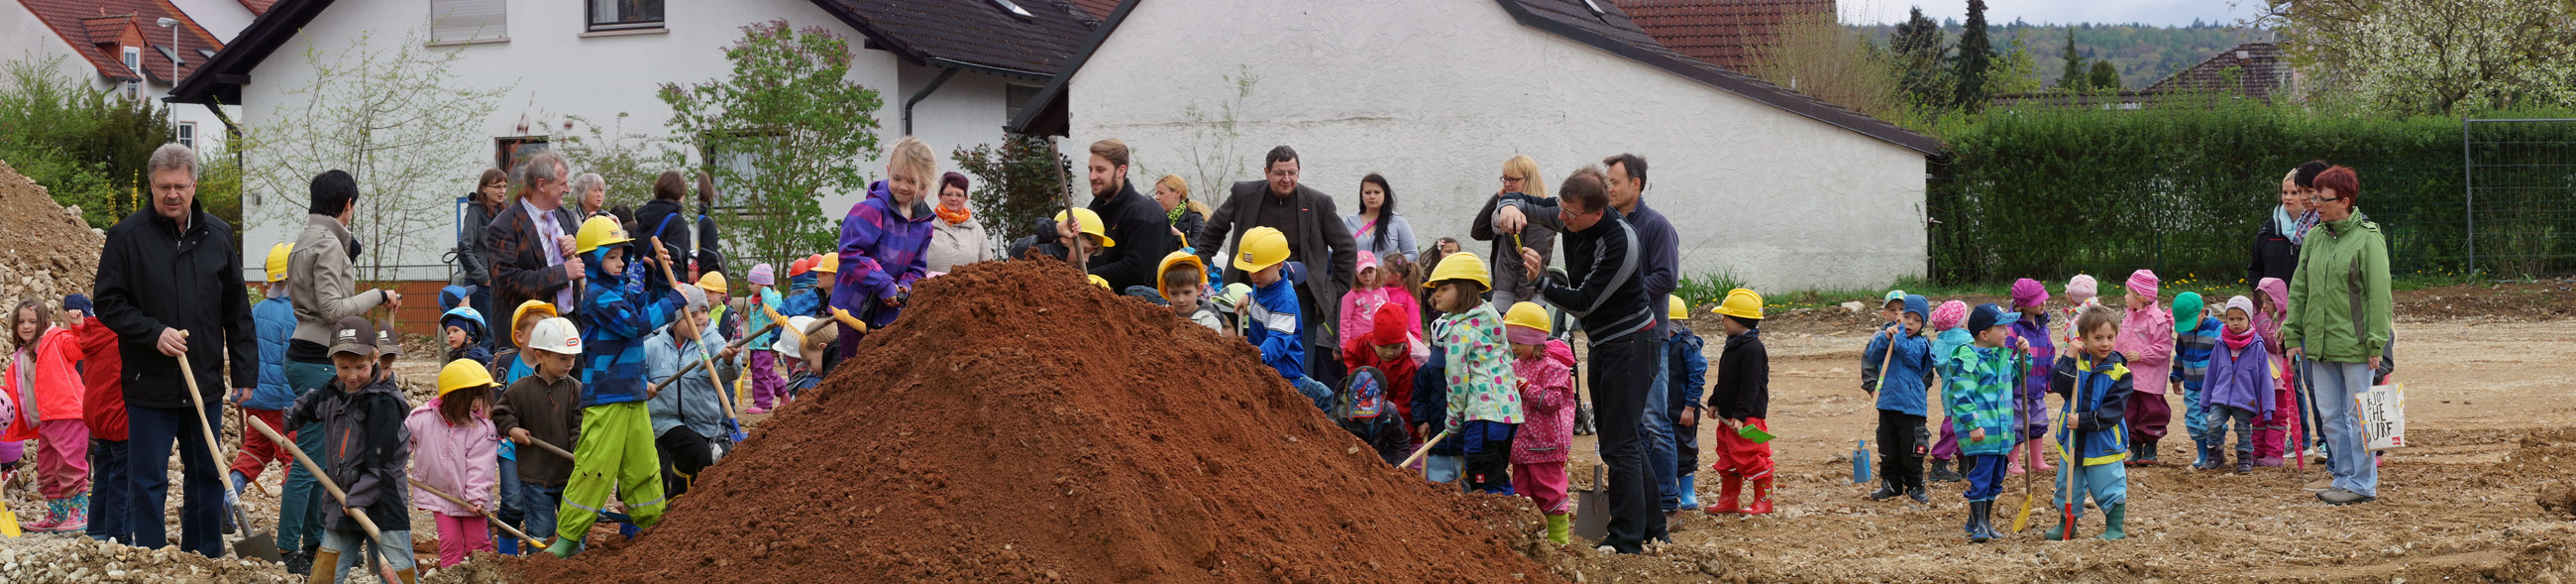 Spatenstich Kindergarten Rattelsdorf 2014